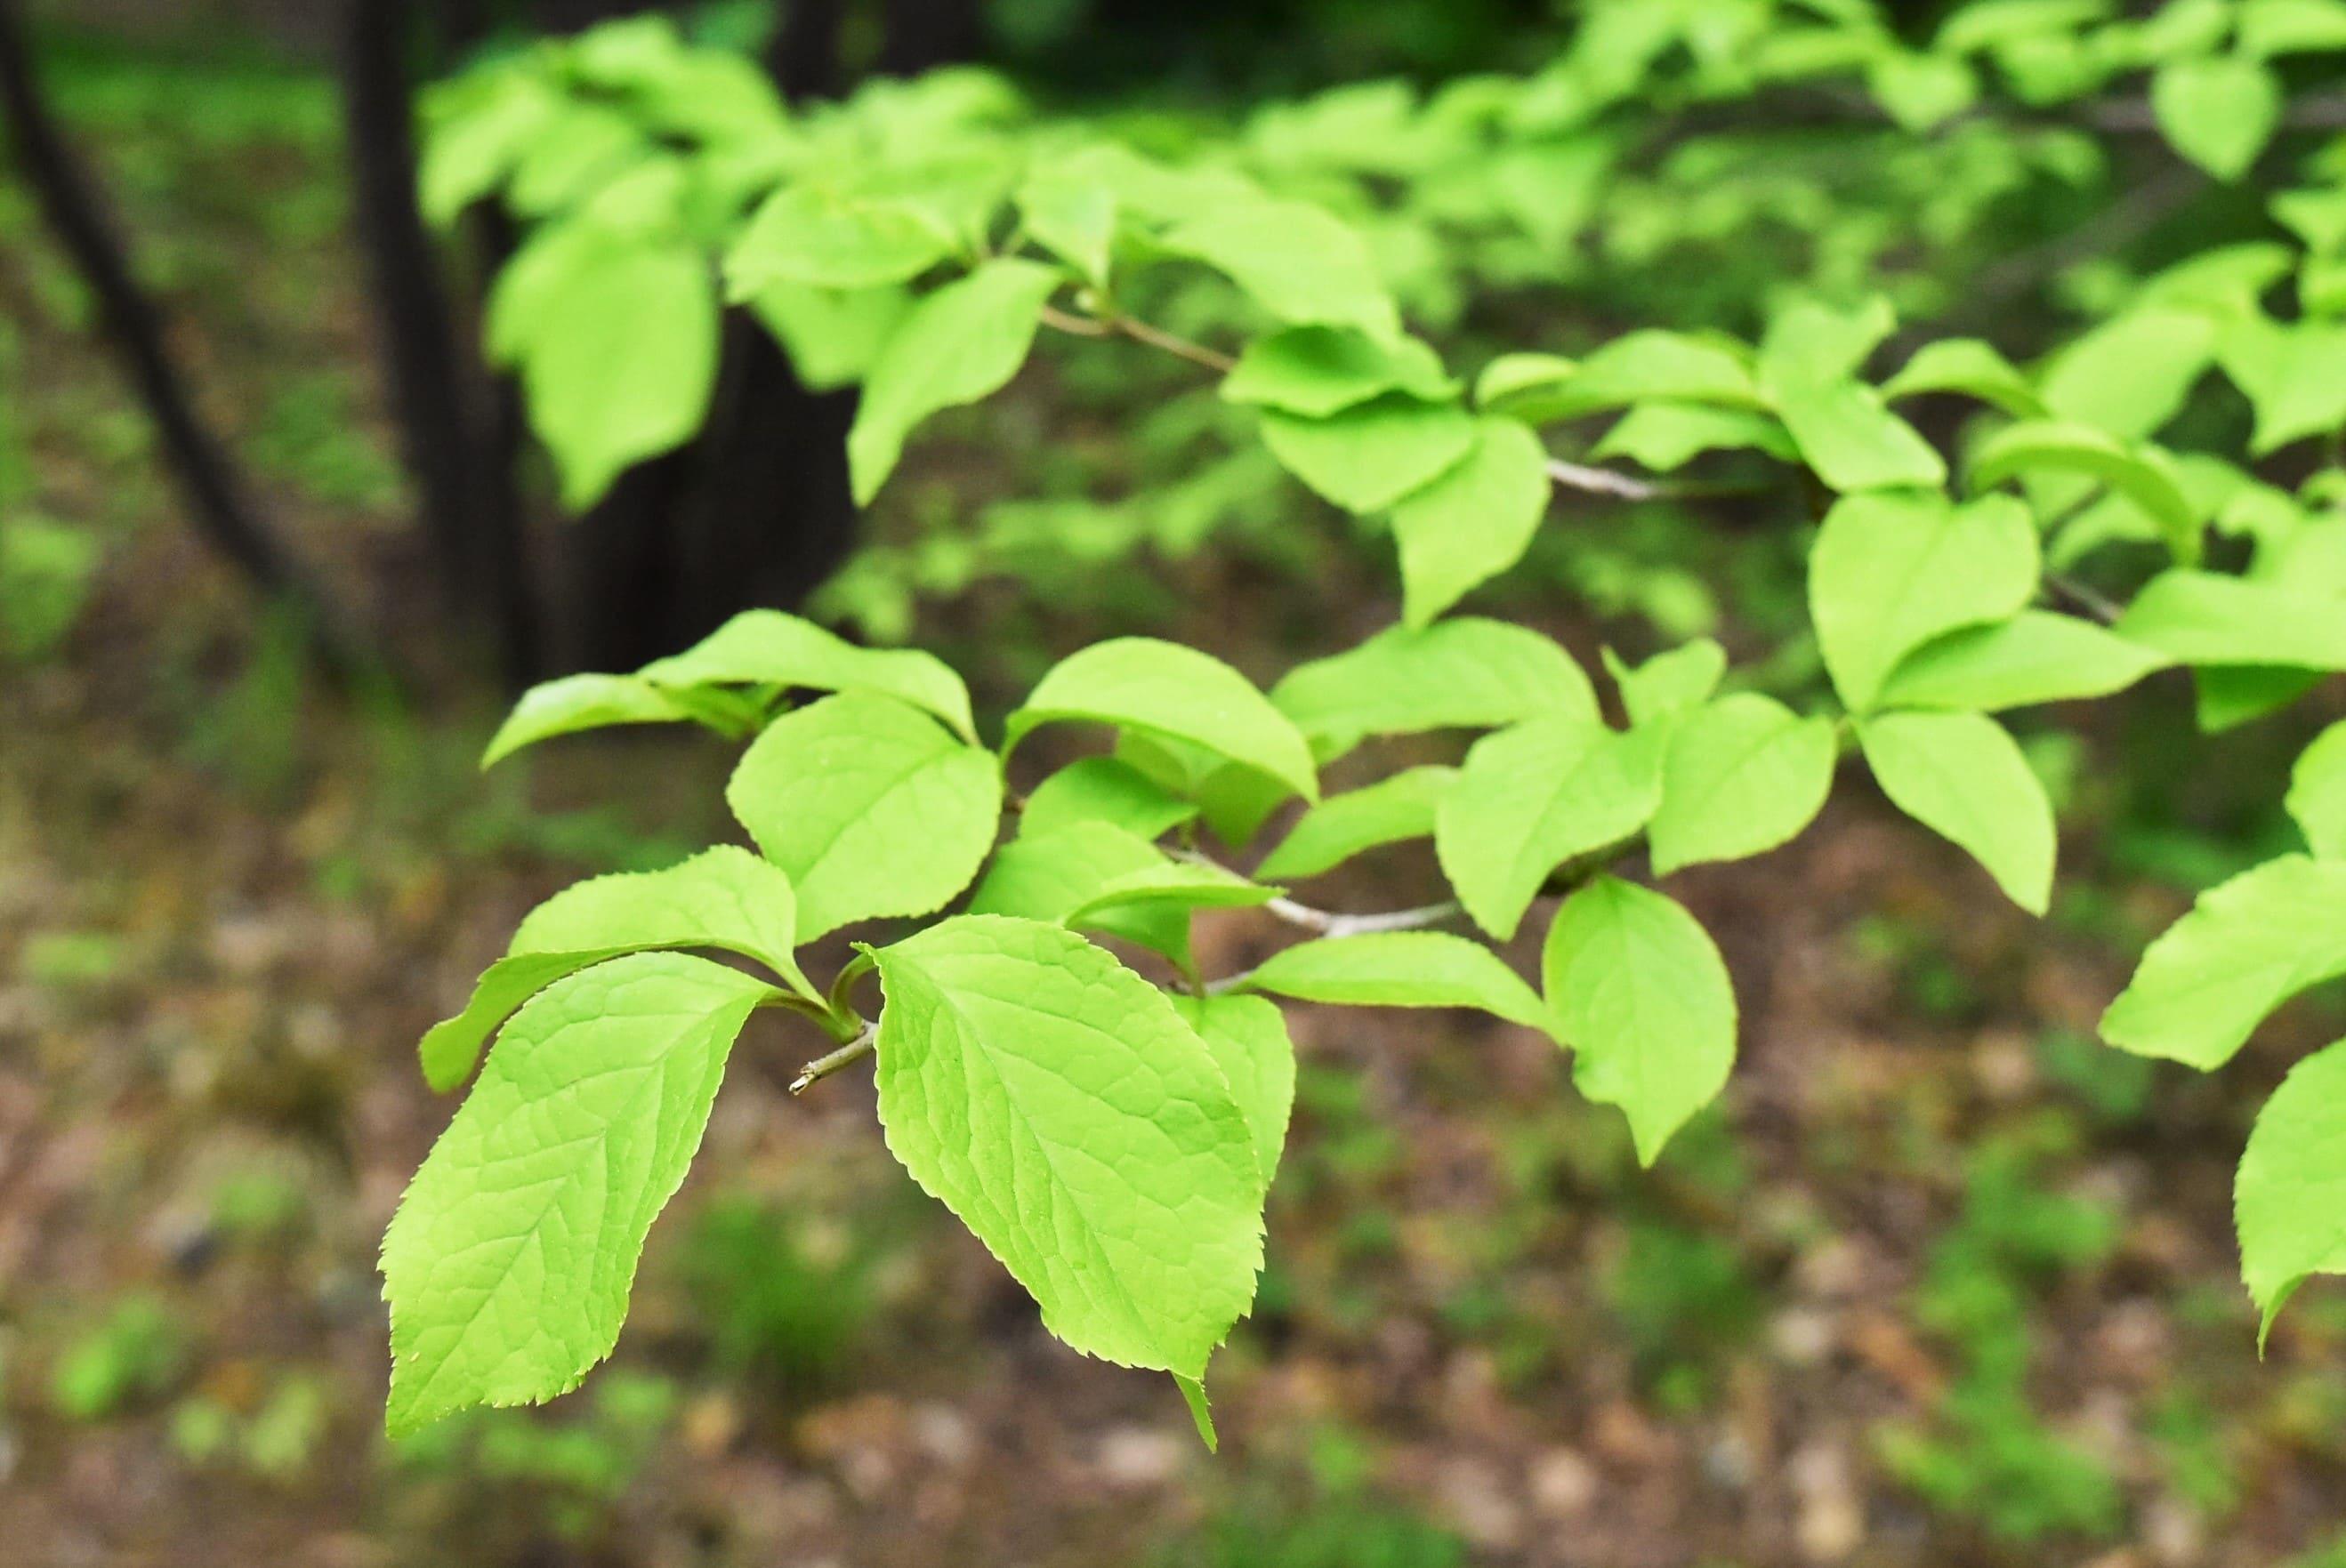 アオハダの葉っぱ 画像